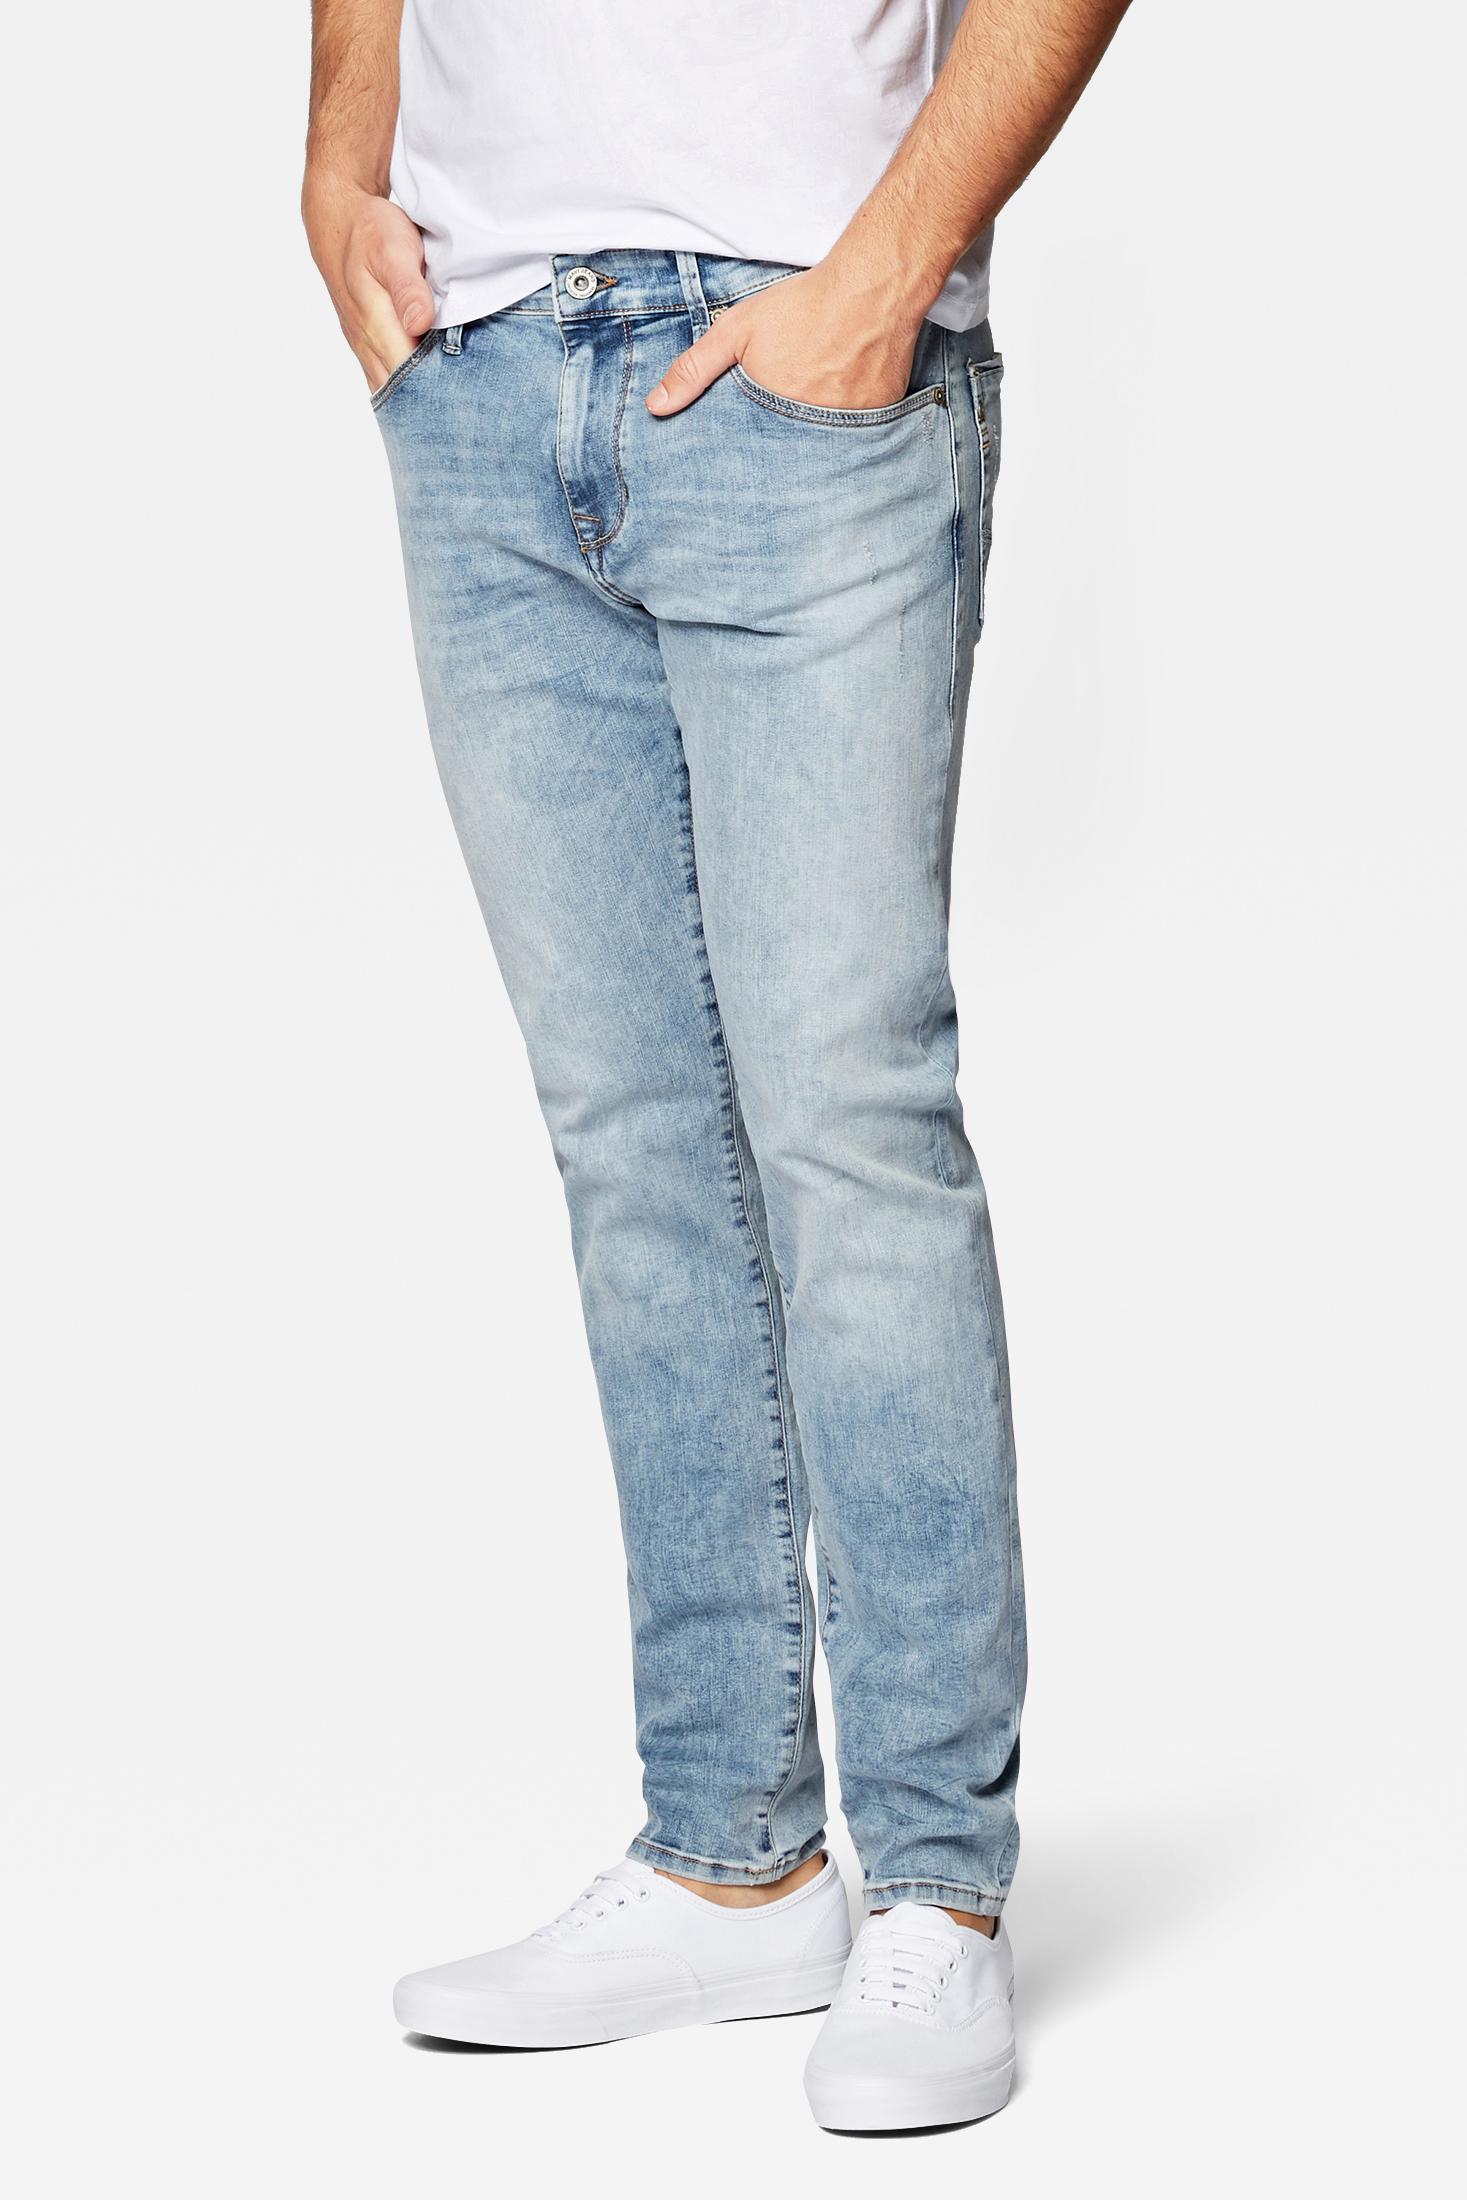 Mavi  James super skinny Jeans mit  niedriegen Leibhöhe Blau Bleched